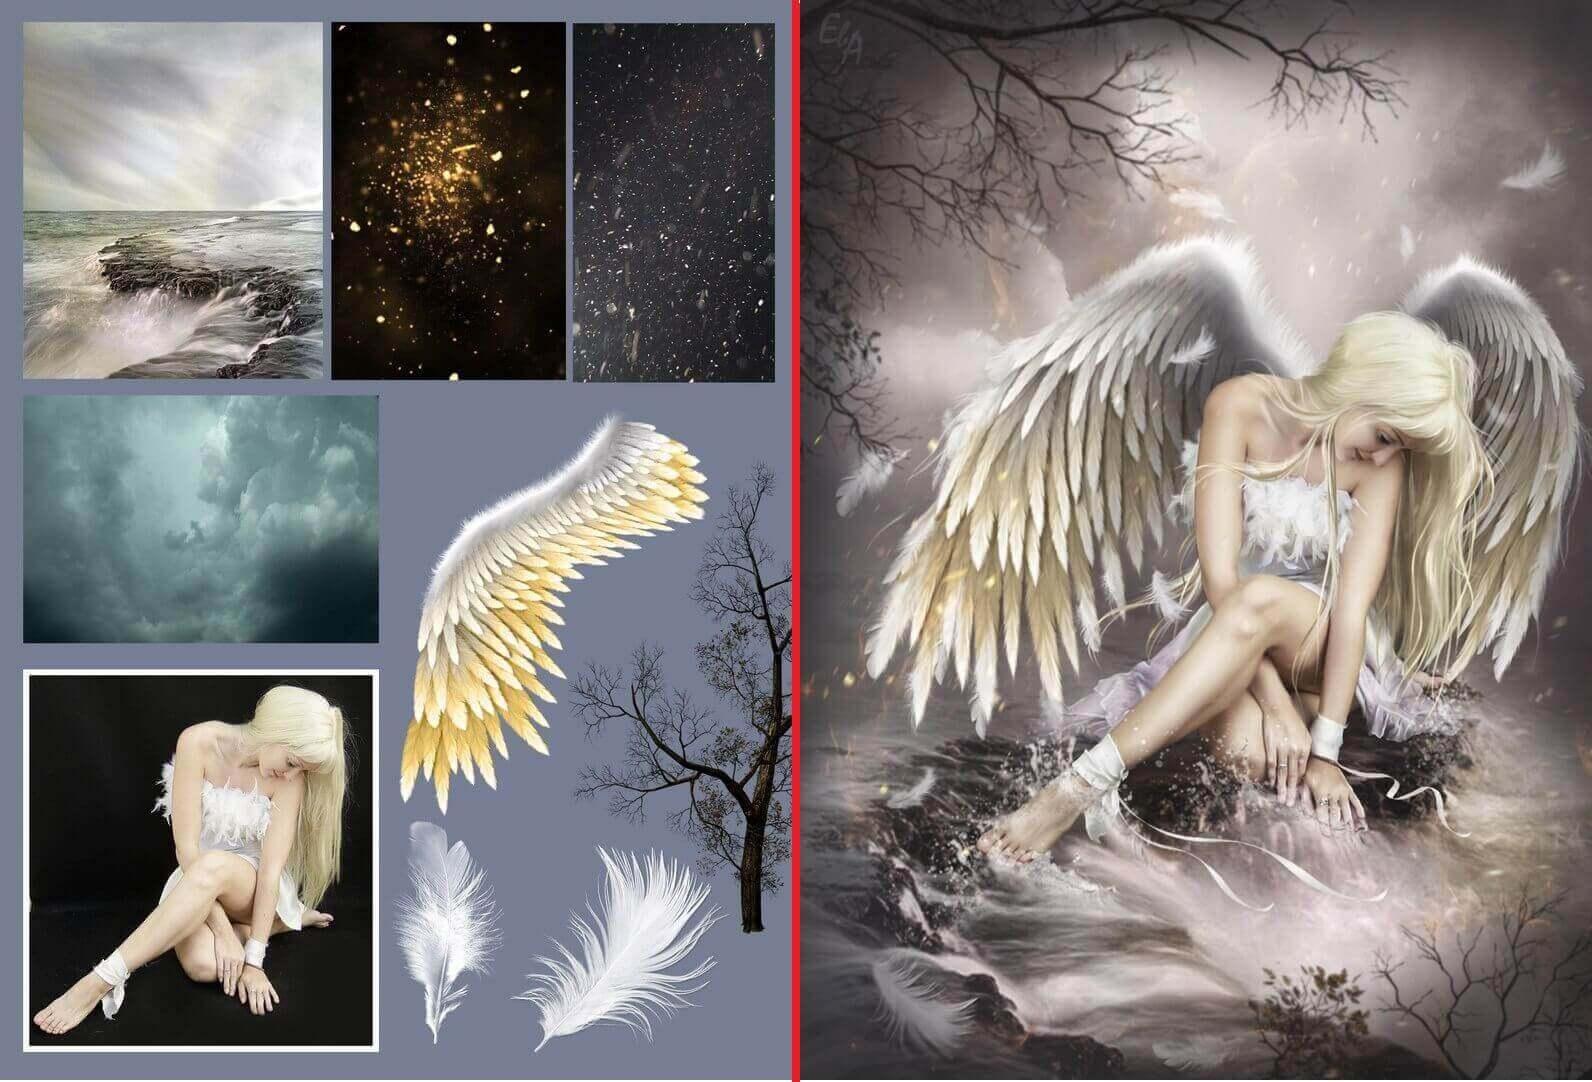 девушка-ангел от Евгении Алексеевой